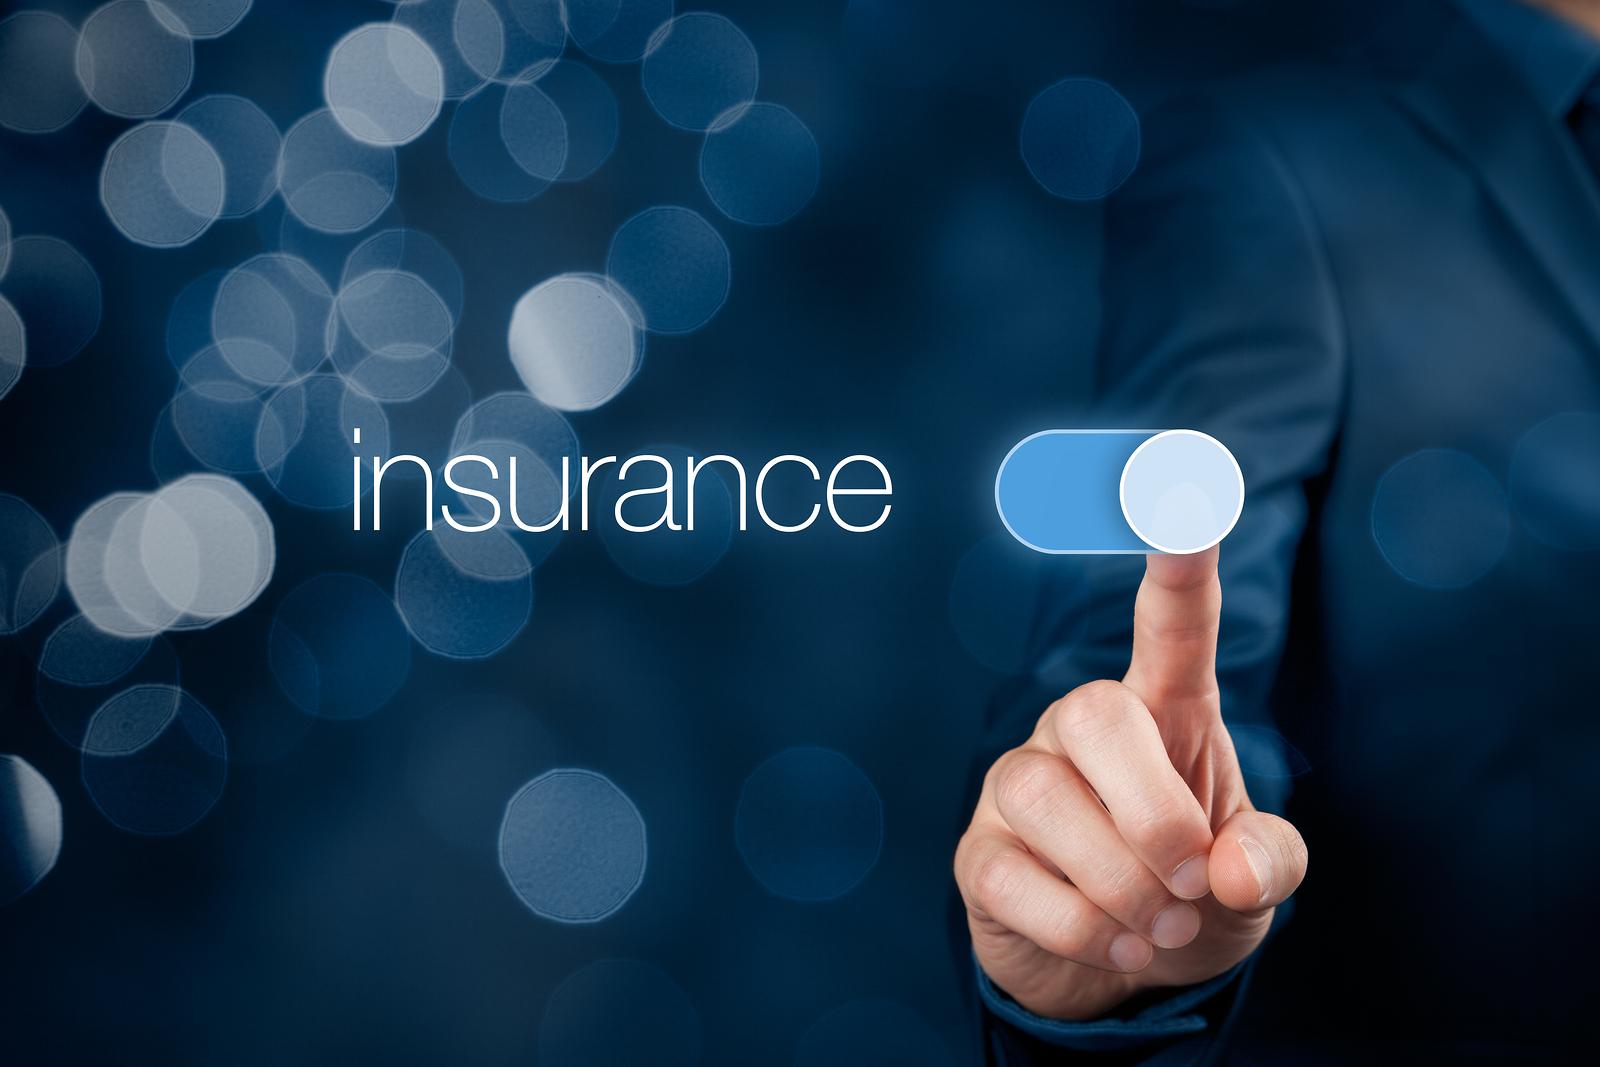 Daftar CAR Asuransi, Apa yang Perlu Dipersiapkan?